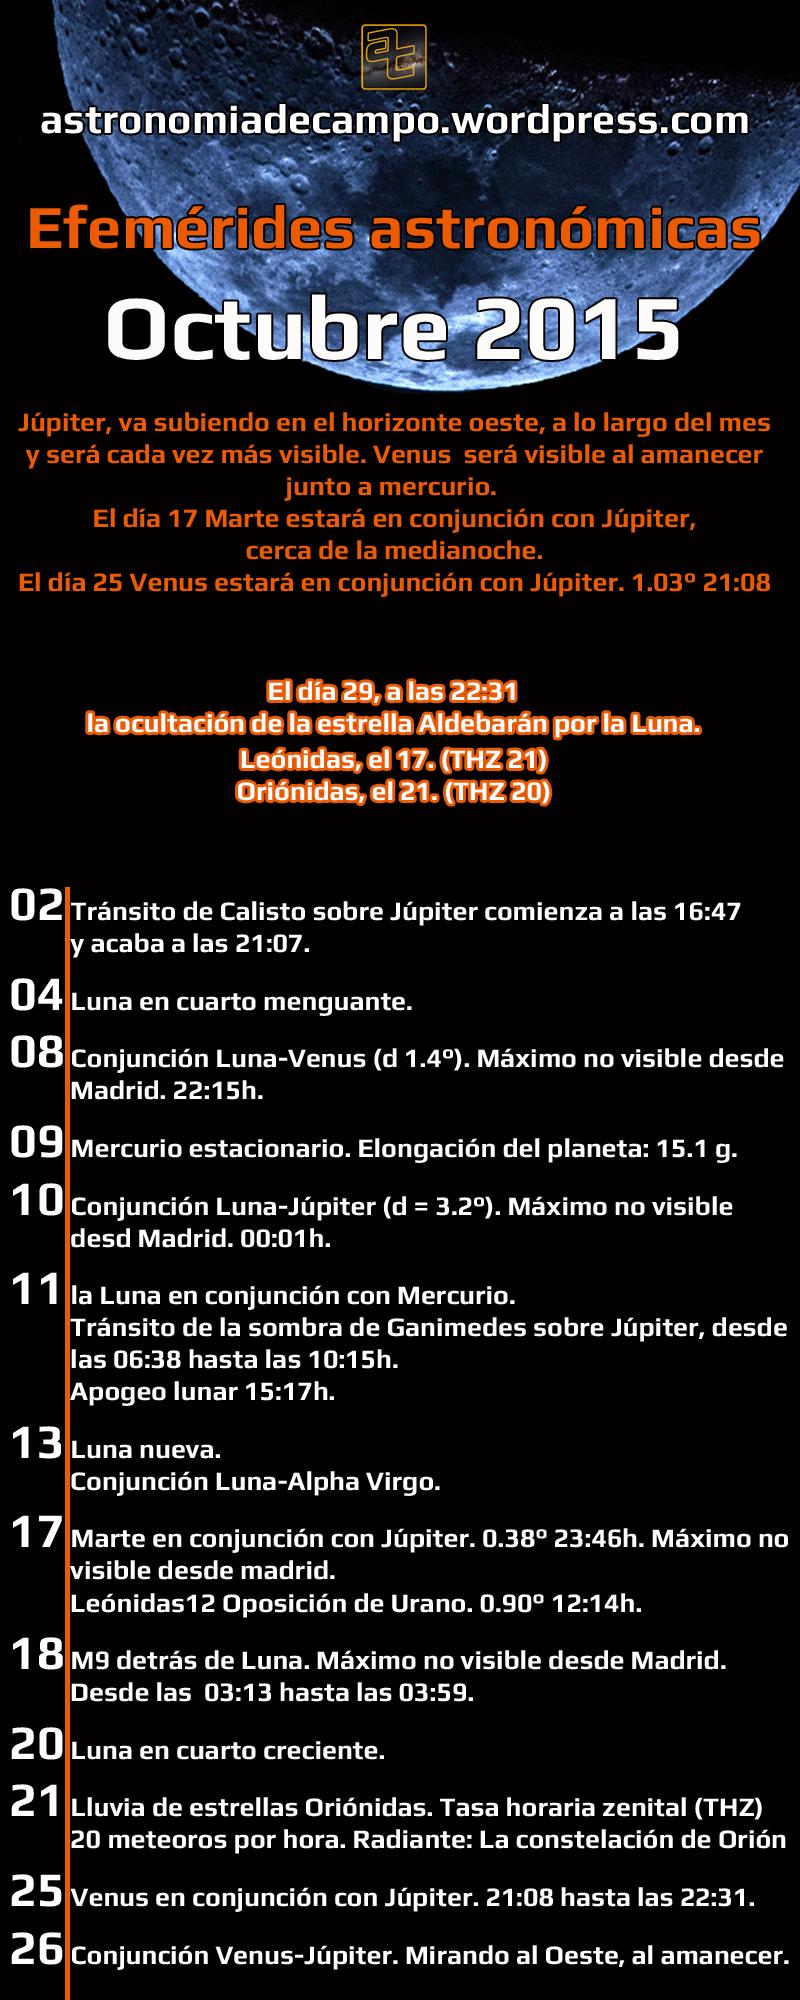 Infografía de las efemérides de octubre 2015